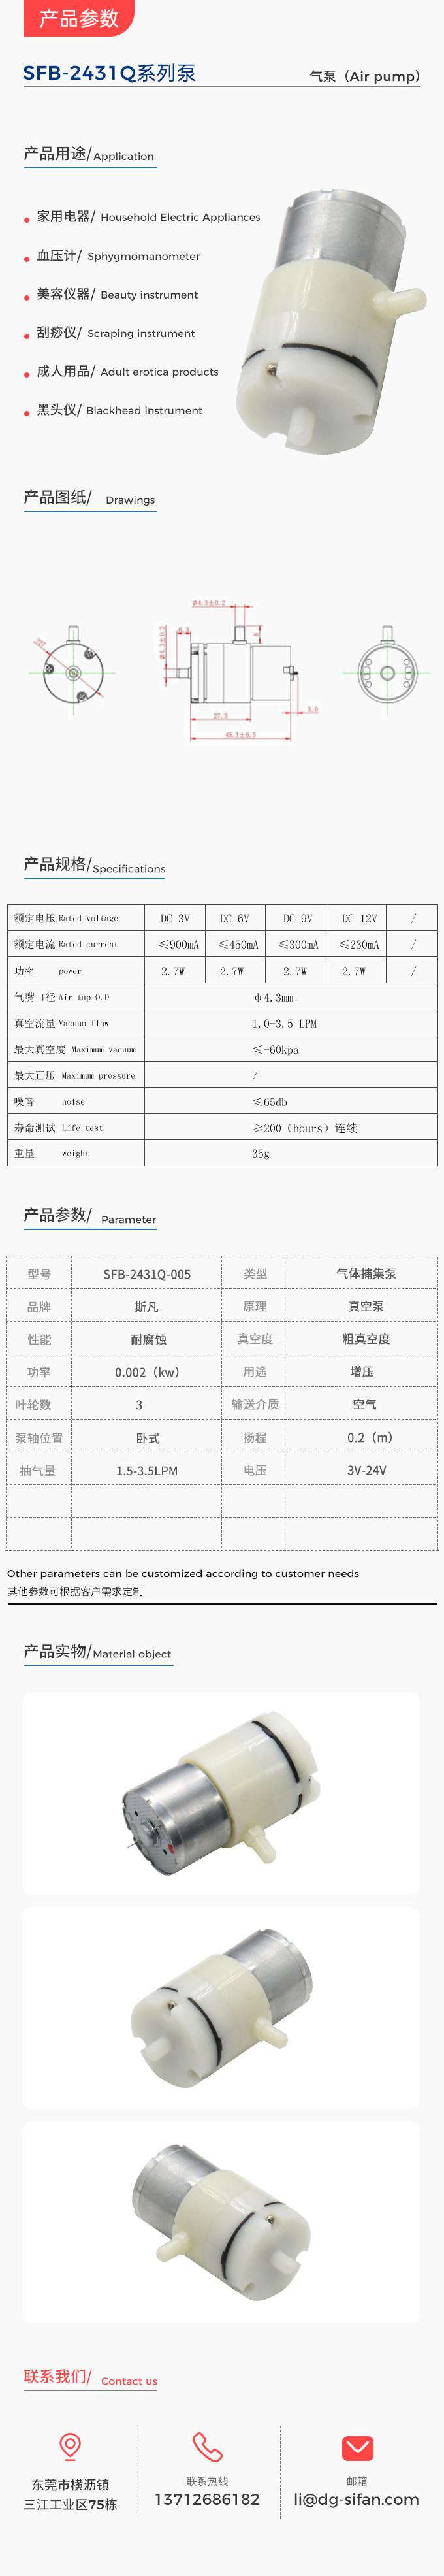 SFB-2025Q-001.jpg